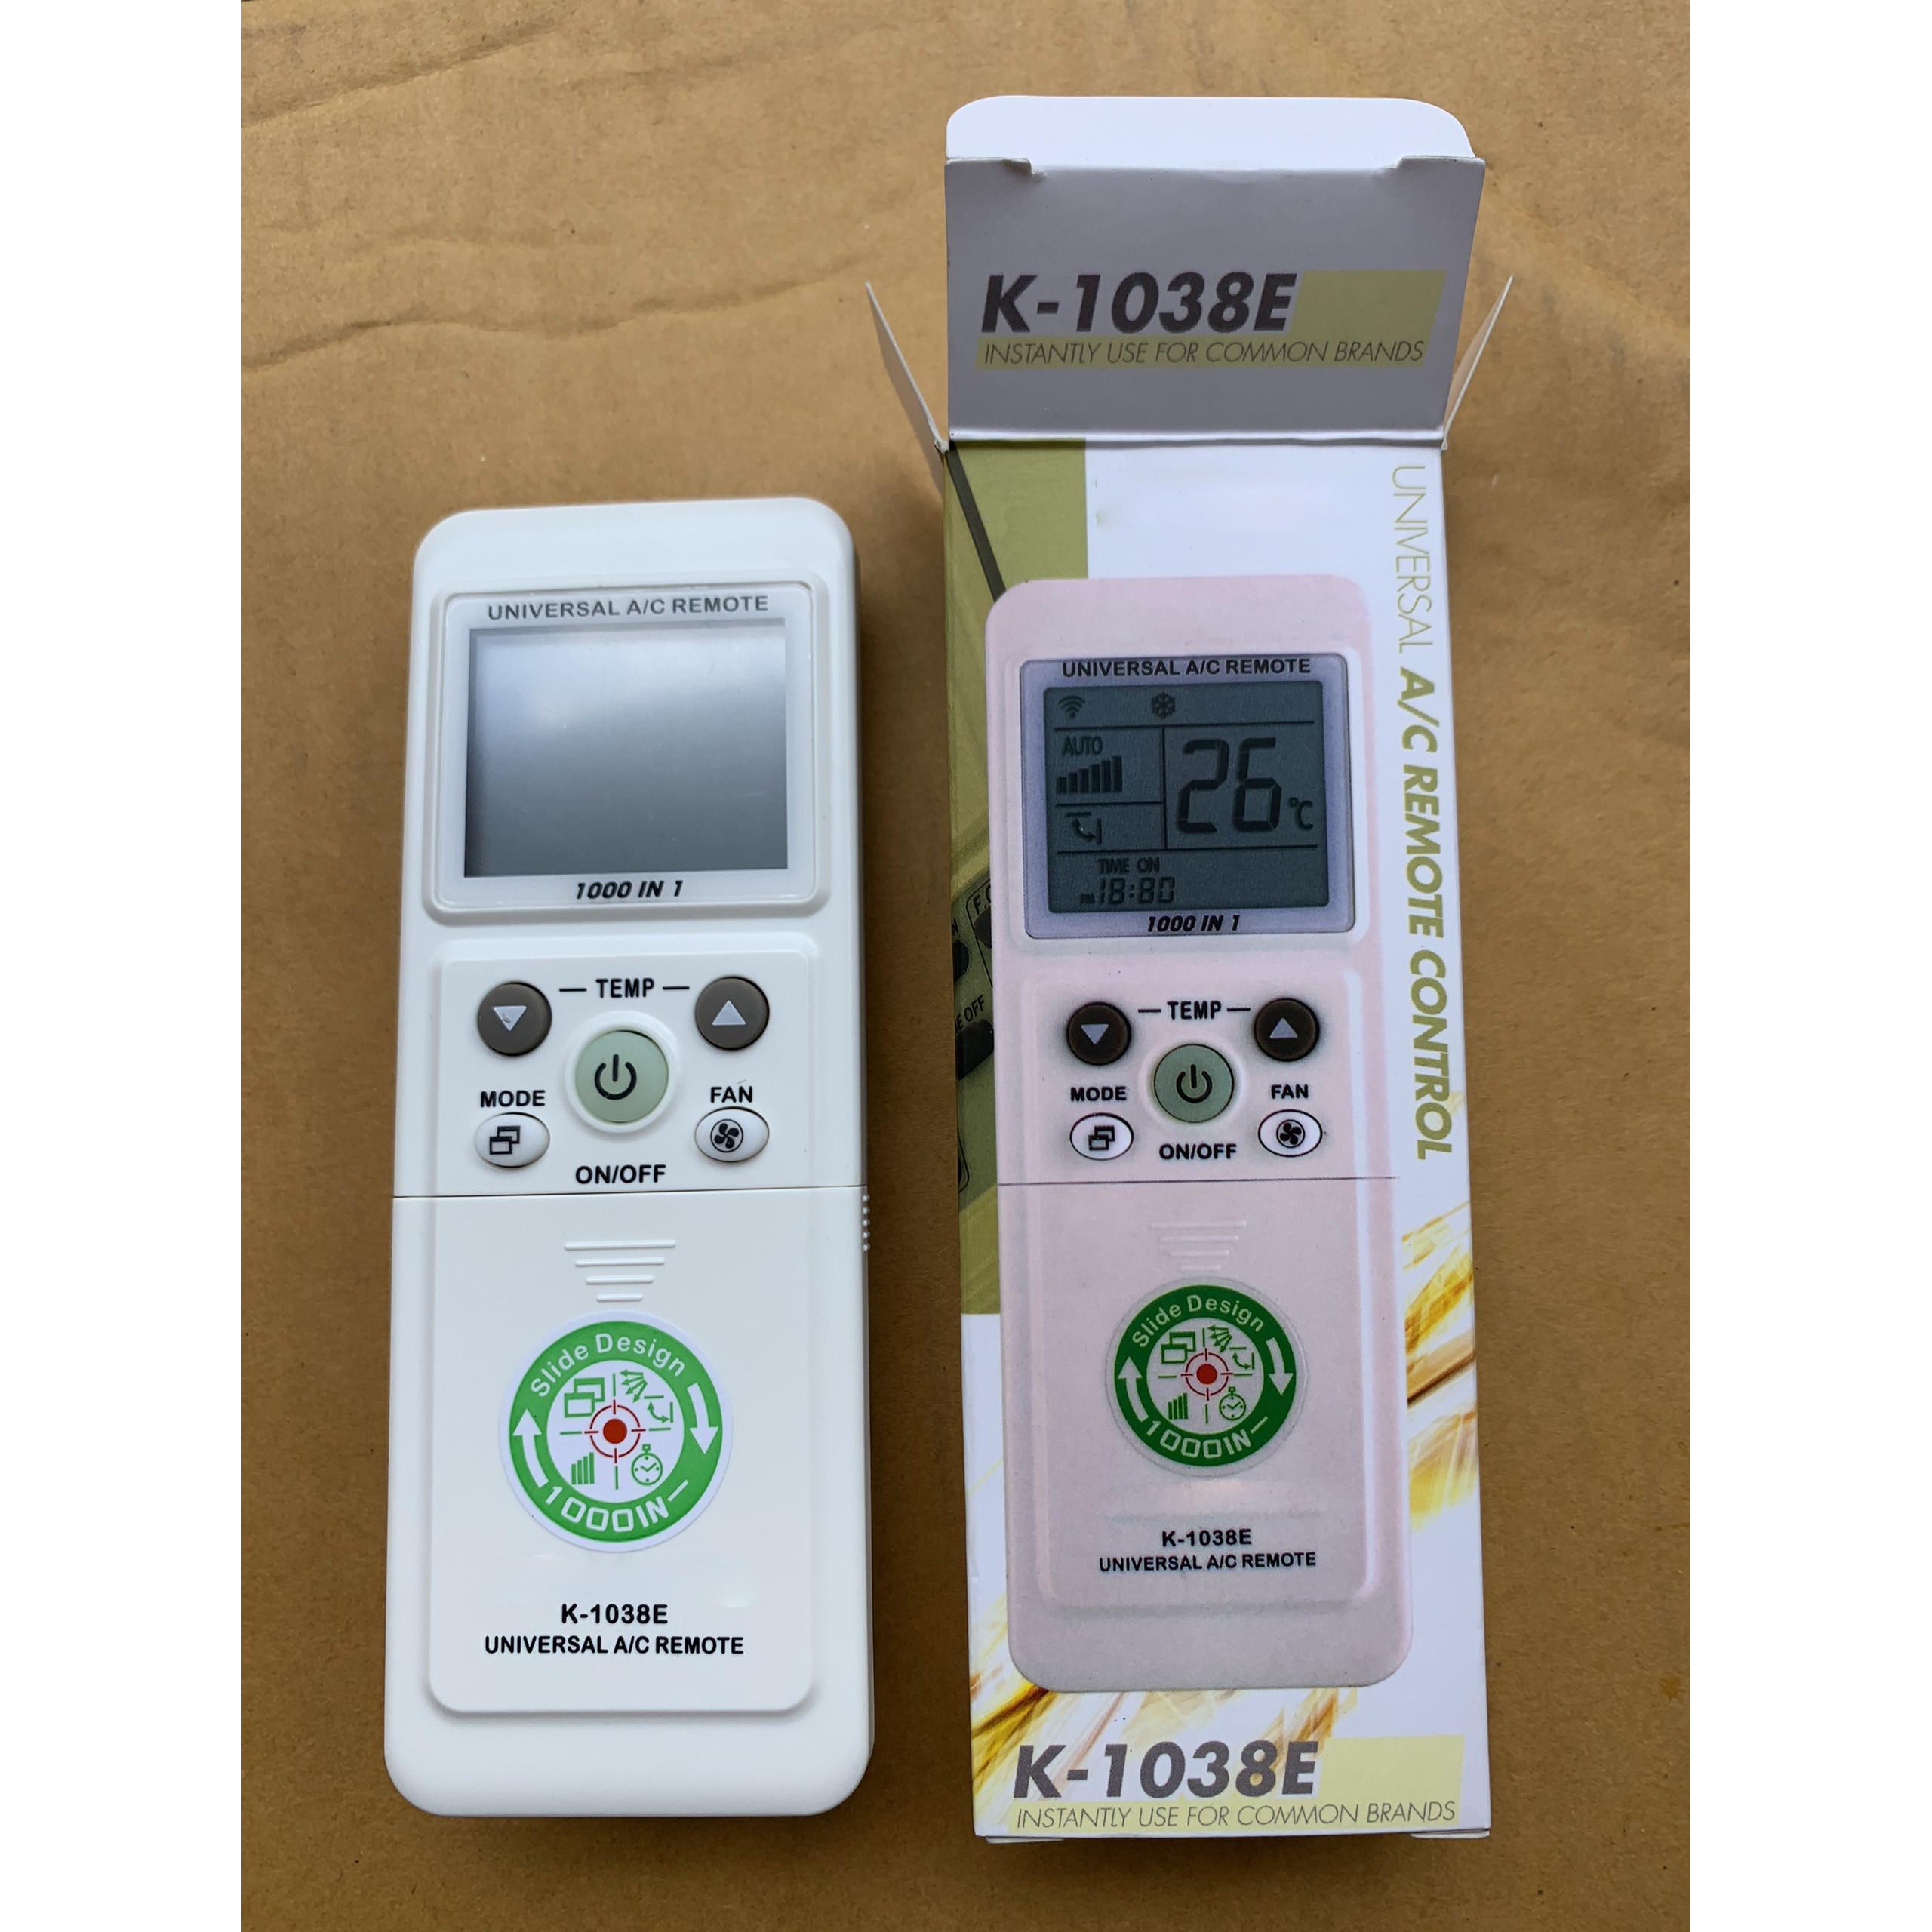 Remote đa năng điều khiển máy lạnh 1000 in 1 nắp trượt cao cấp